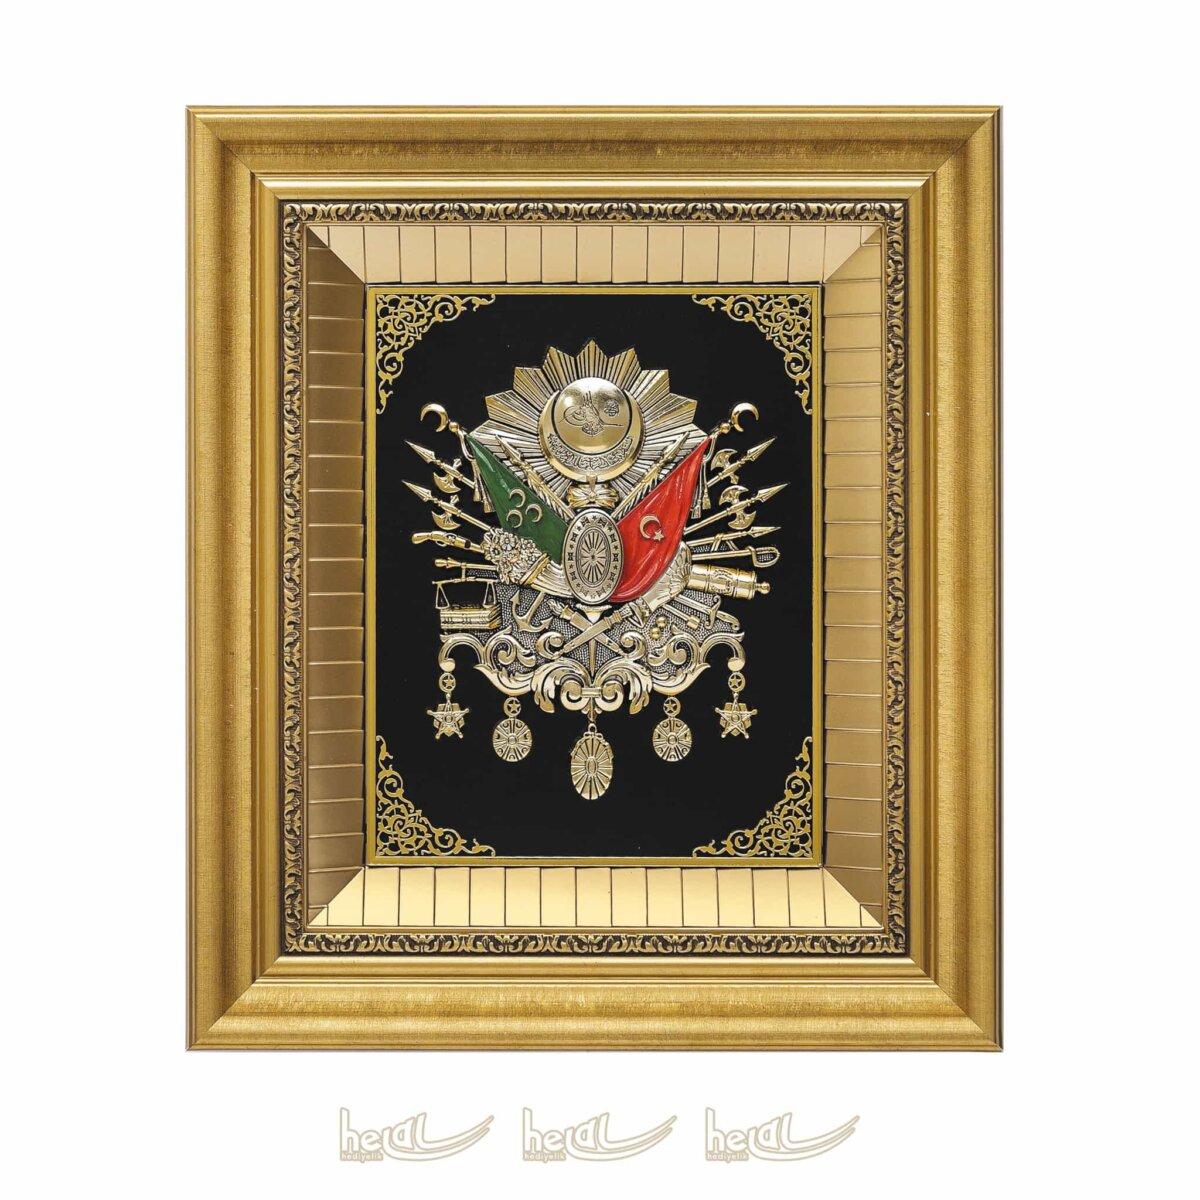 45x52cm Osmanlı Devlet Arması Kabartma Lüks Çerçeveli Tablo Osmanlı Armaları